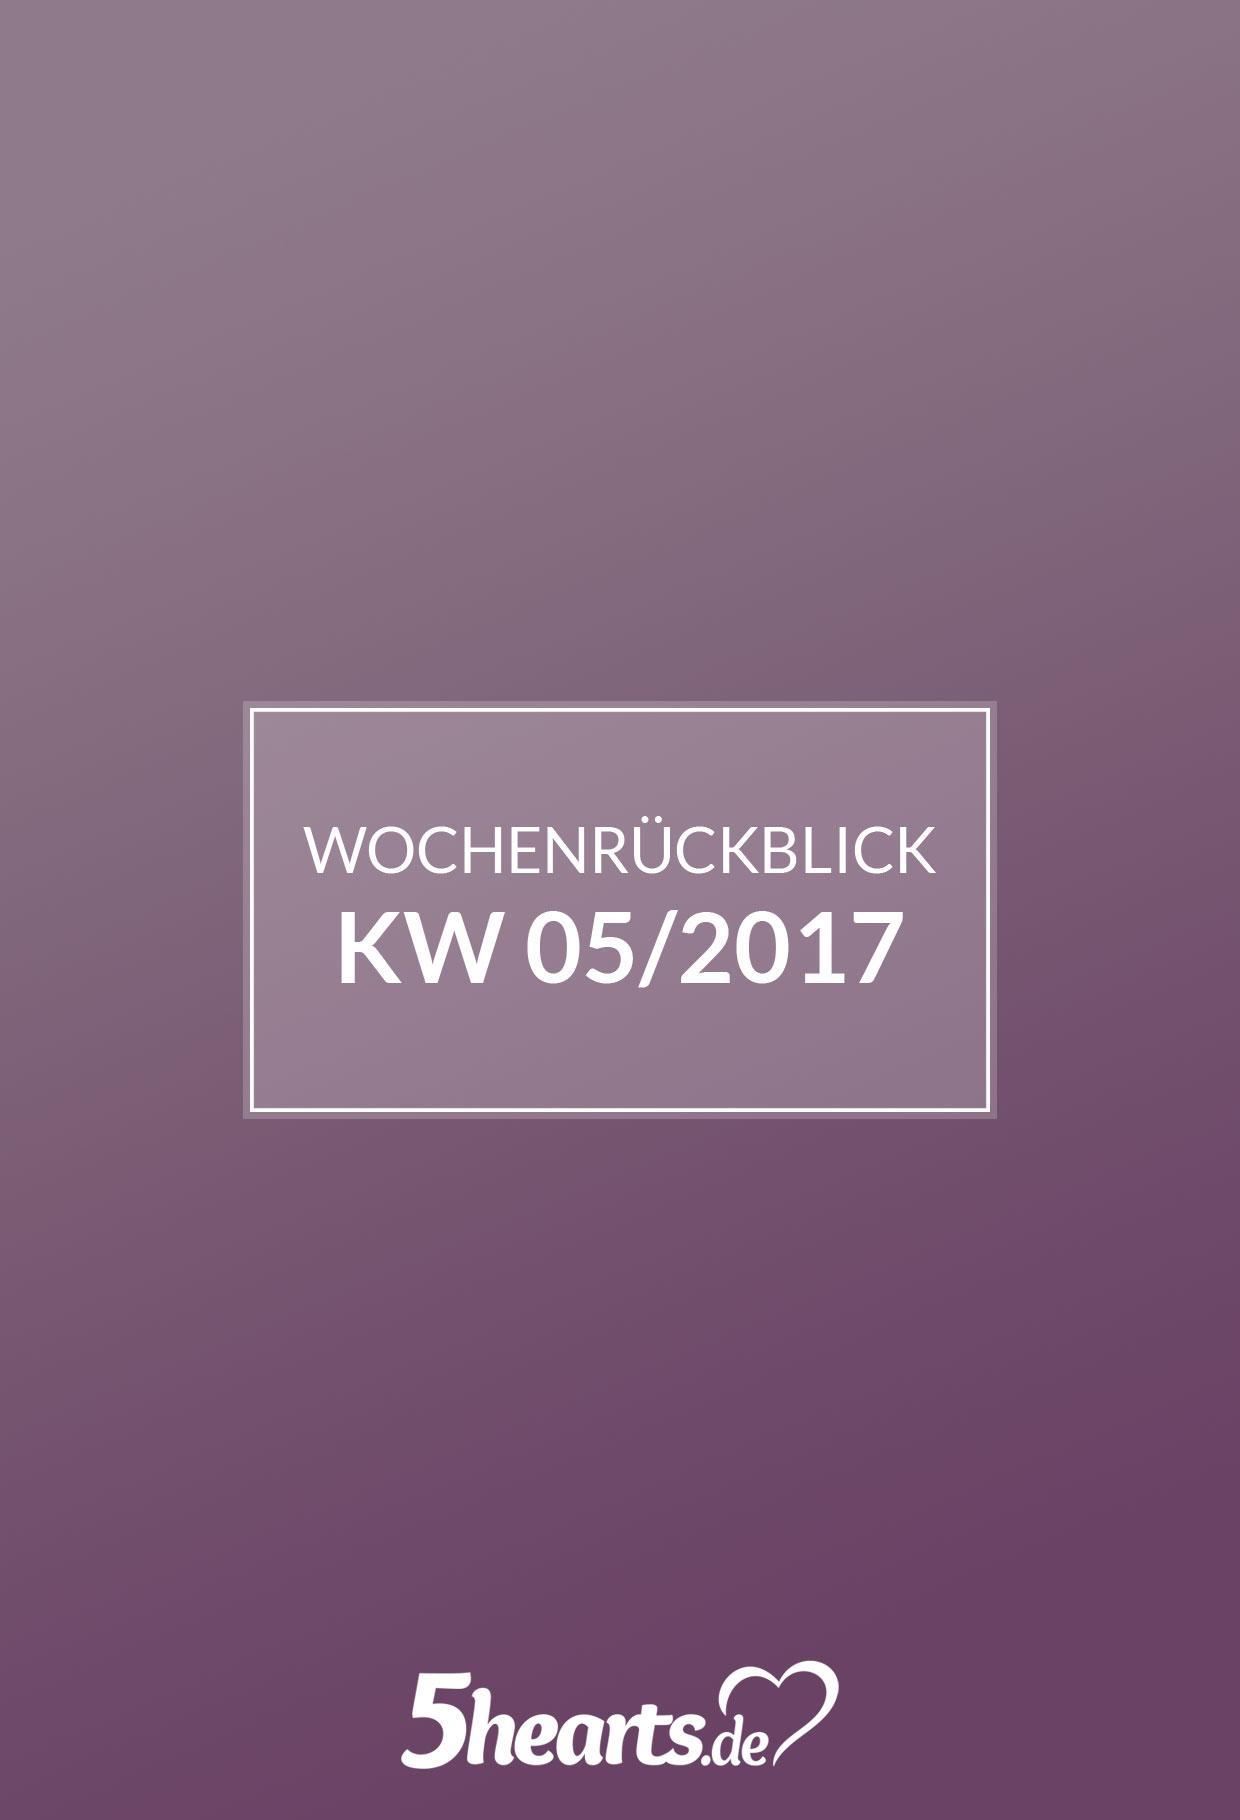 Wochenrückblick KW 05/2017